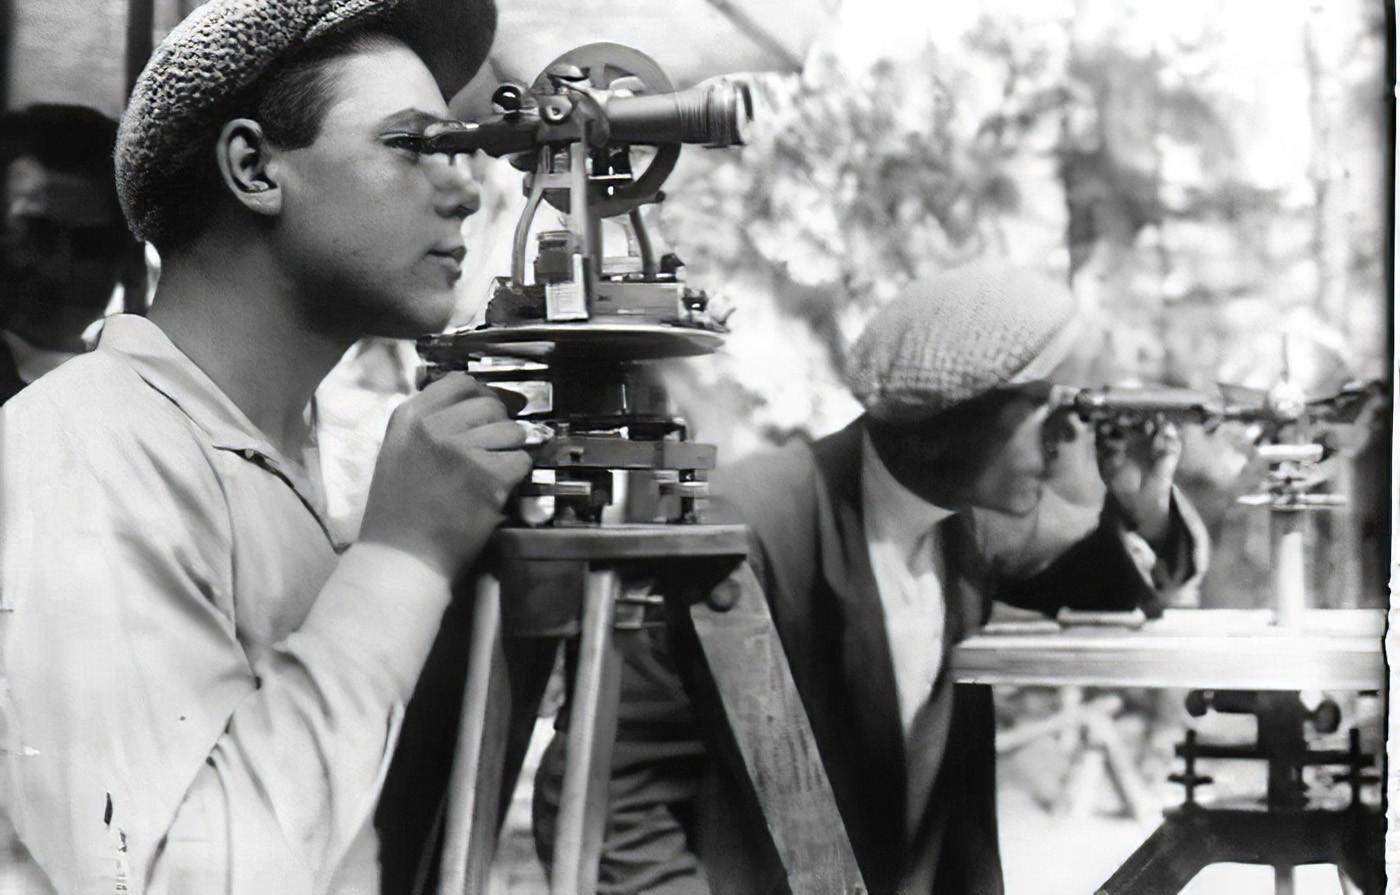 1932 Топографы производят съёмку границ земель совхоза Очаково_cmpk